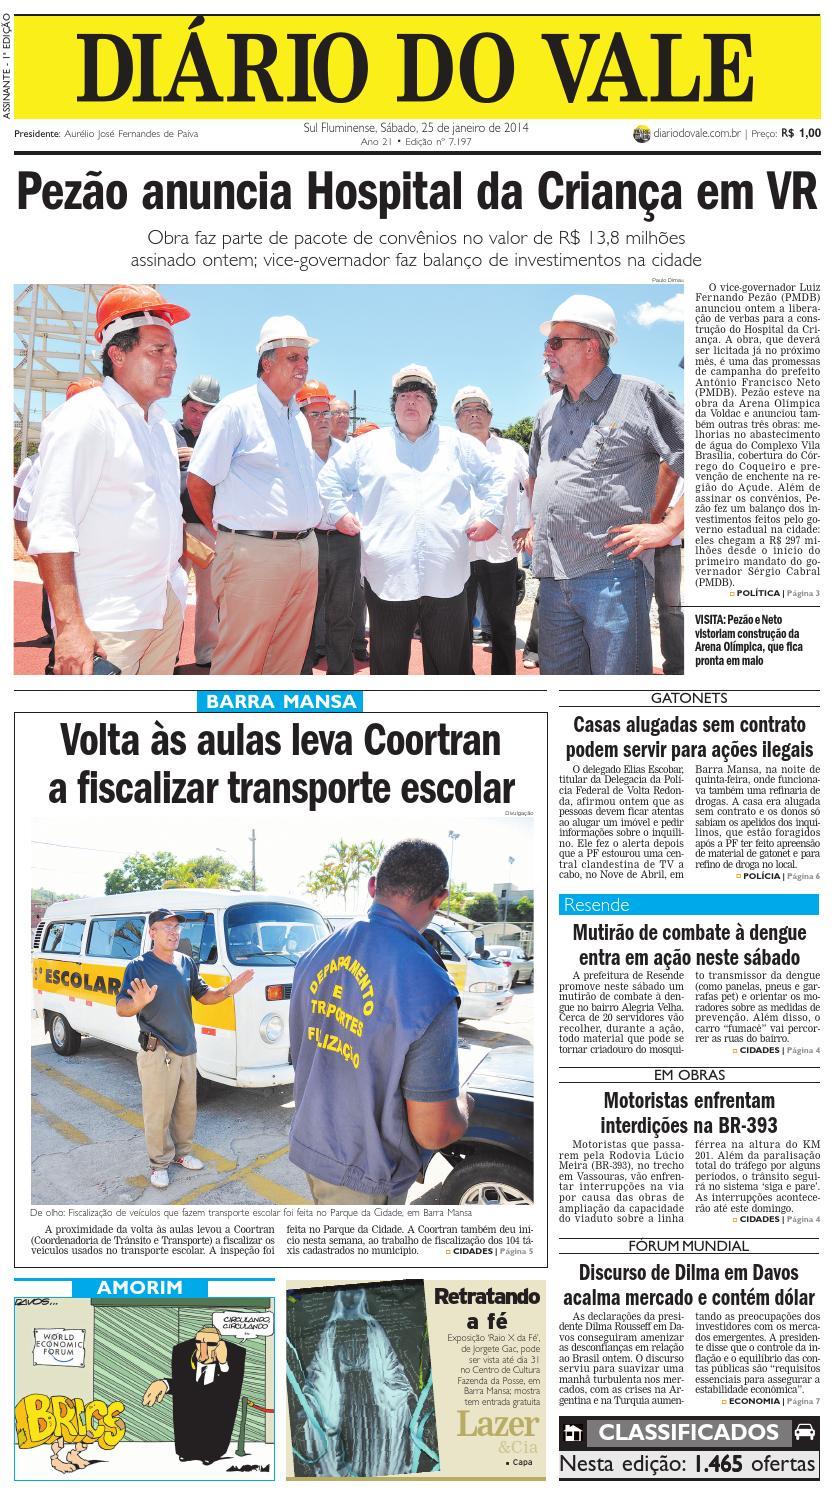 7197 diario sábado 25 01 2014 by Diário do Vale - issuu cd6b6078ecc